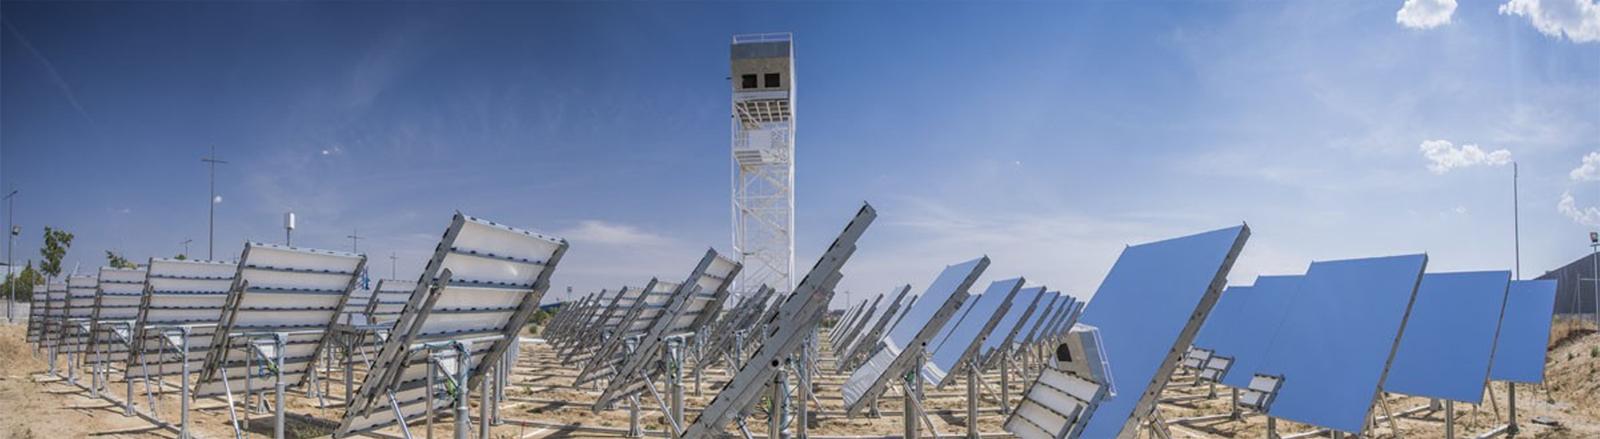 Die Sun-to-Liquid-Anlage in der Nähe von Madrid